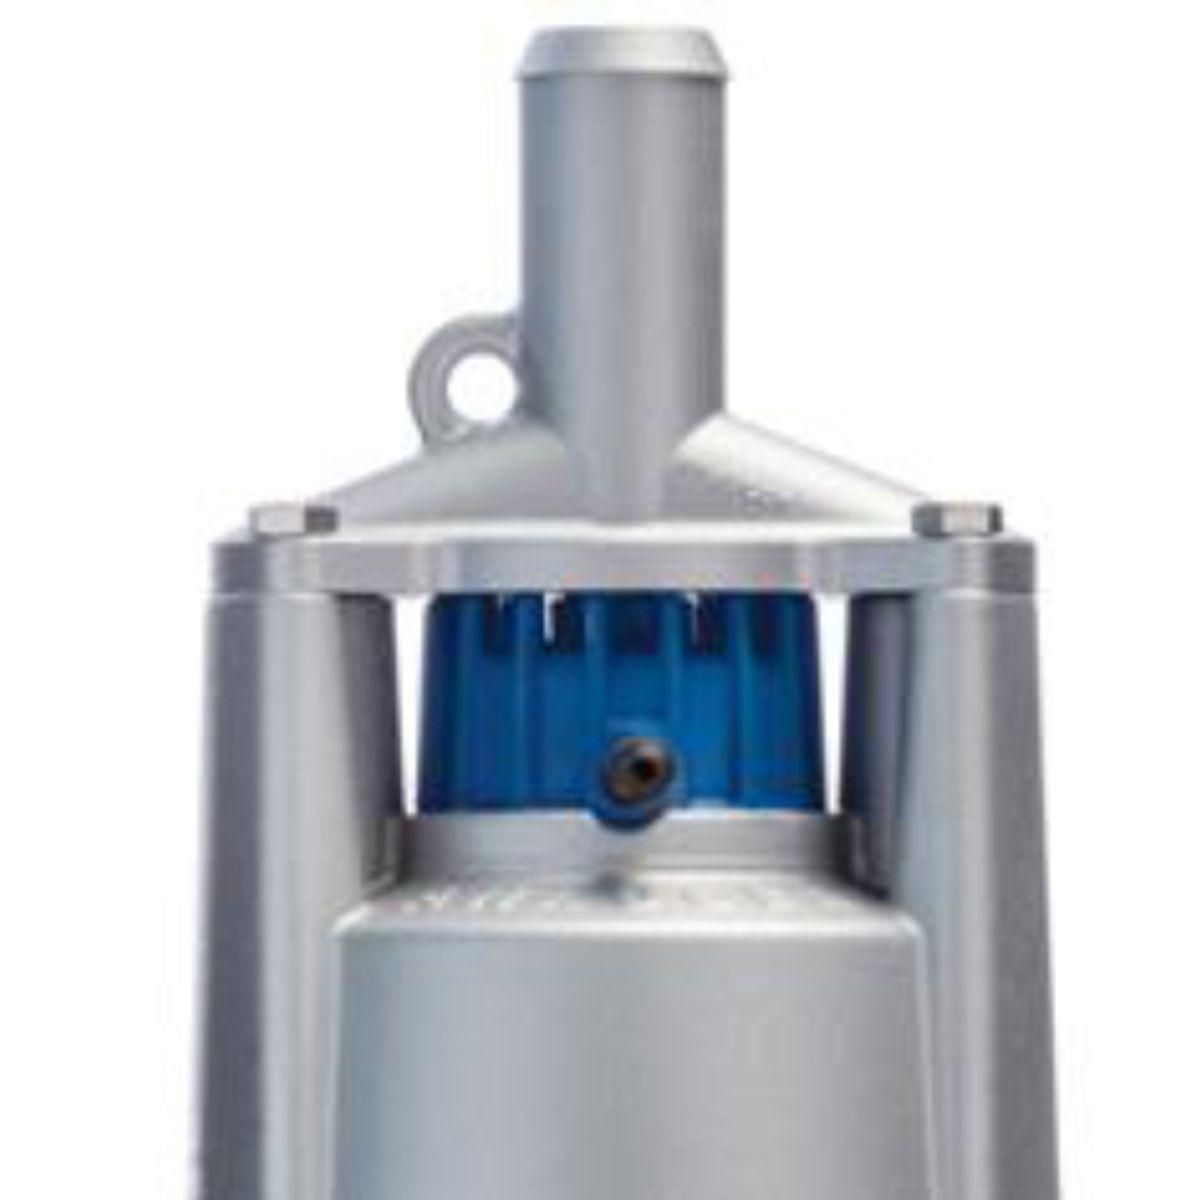 Bomba Submersa Anauger 900 5g Nova Geracao 450w 60hz 127v